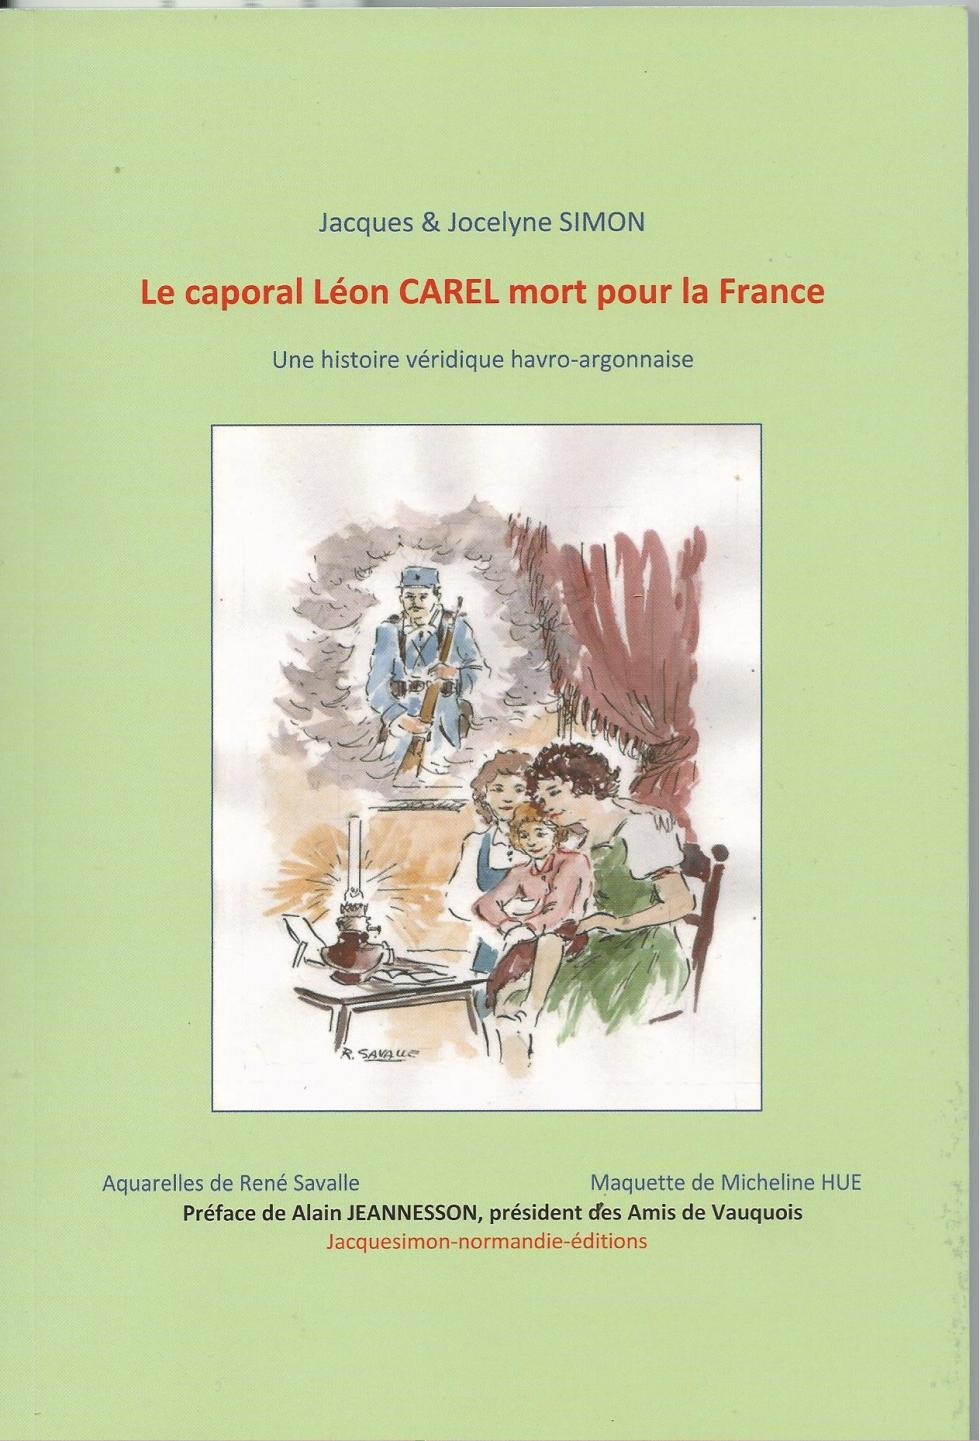 Le Caporal Léon CAREL mort pour La France